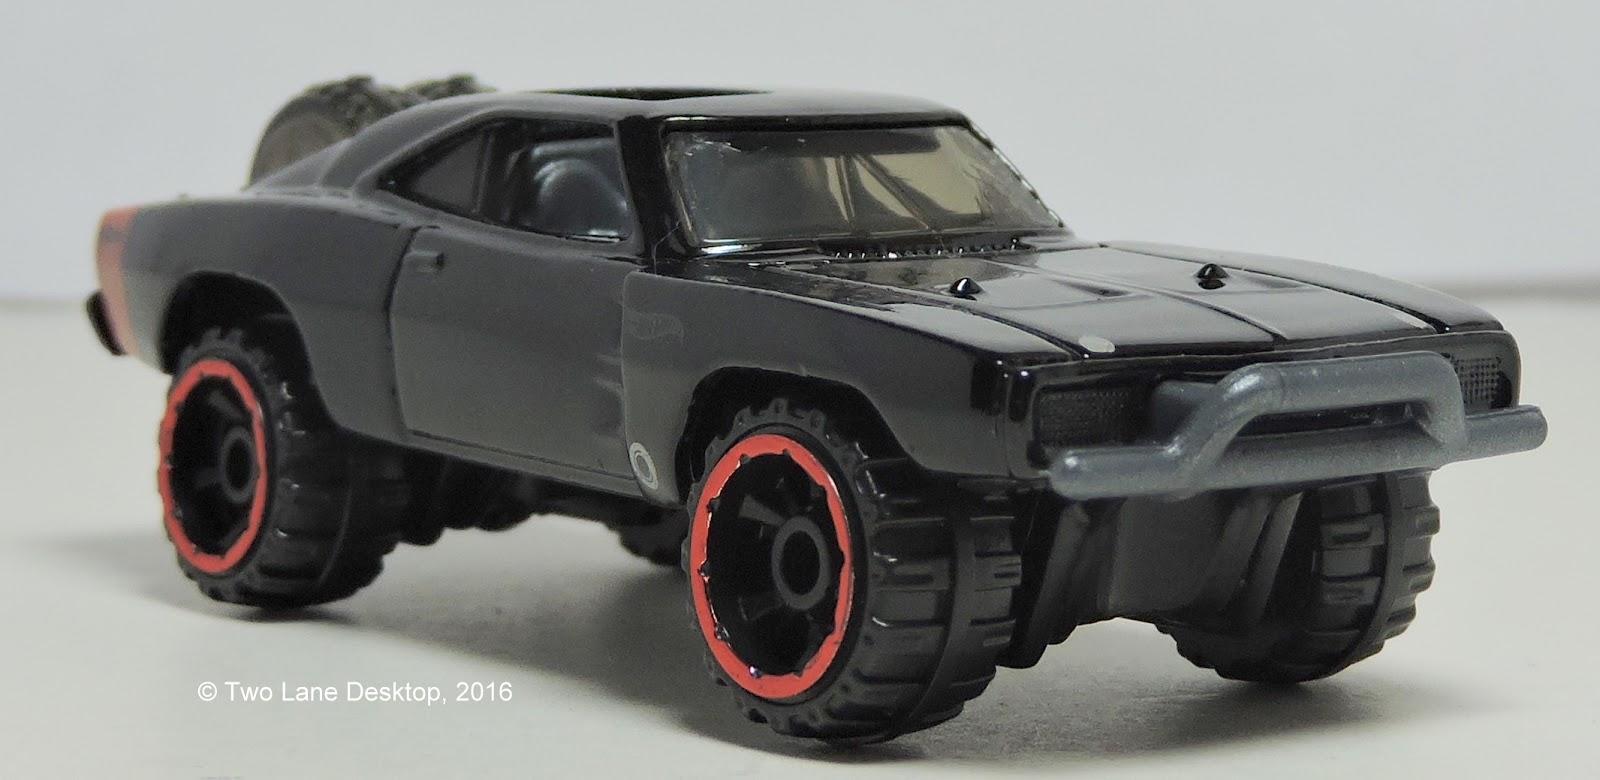 Two Lane Desktop: Hot Wheels